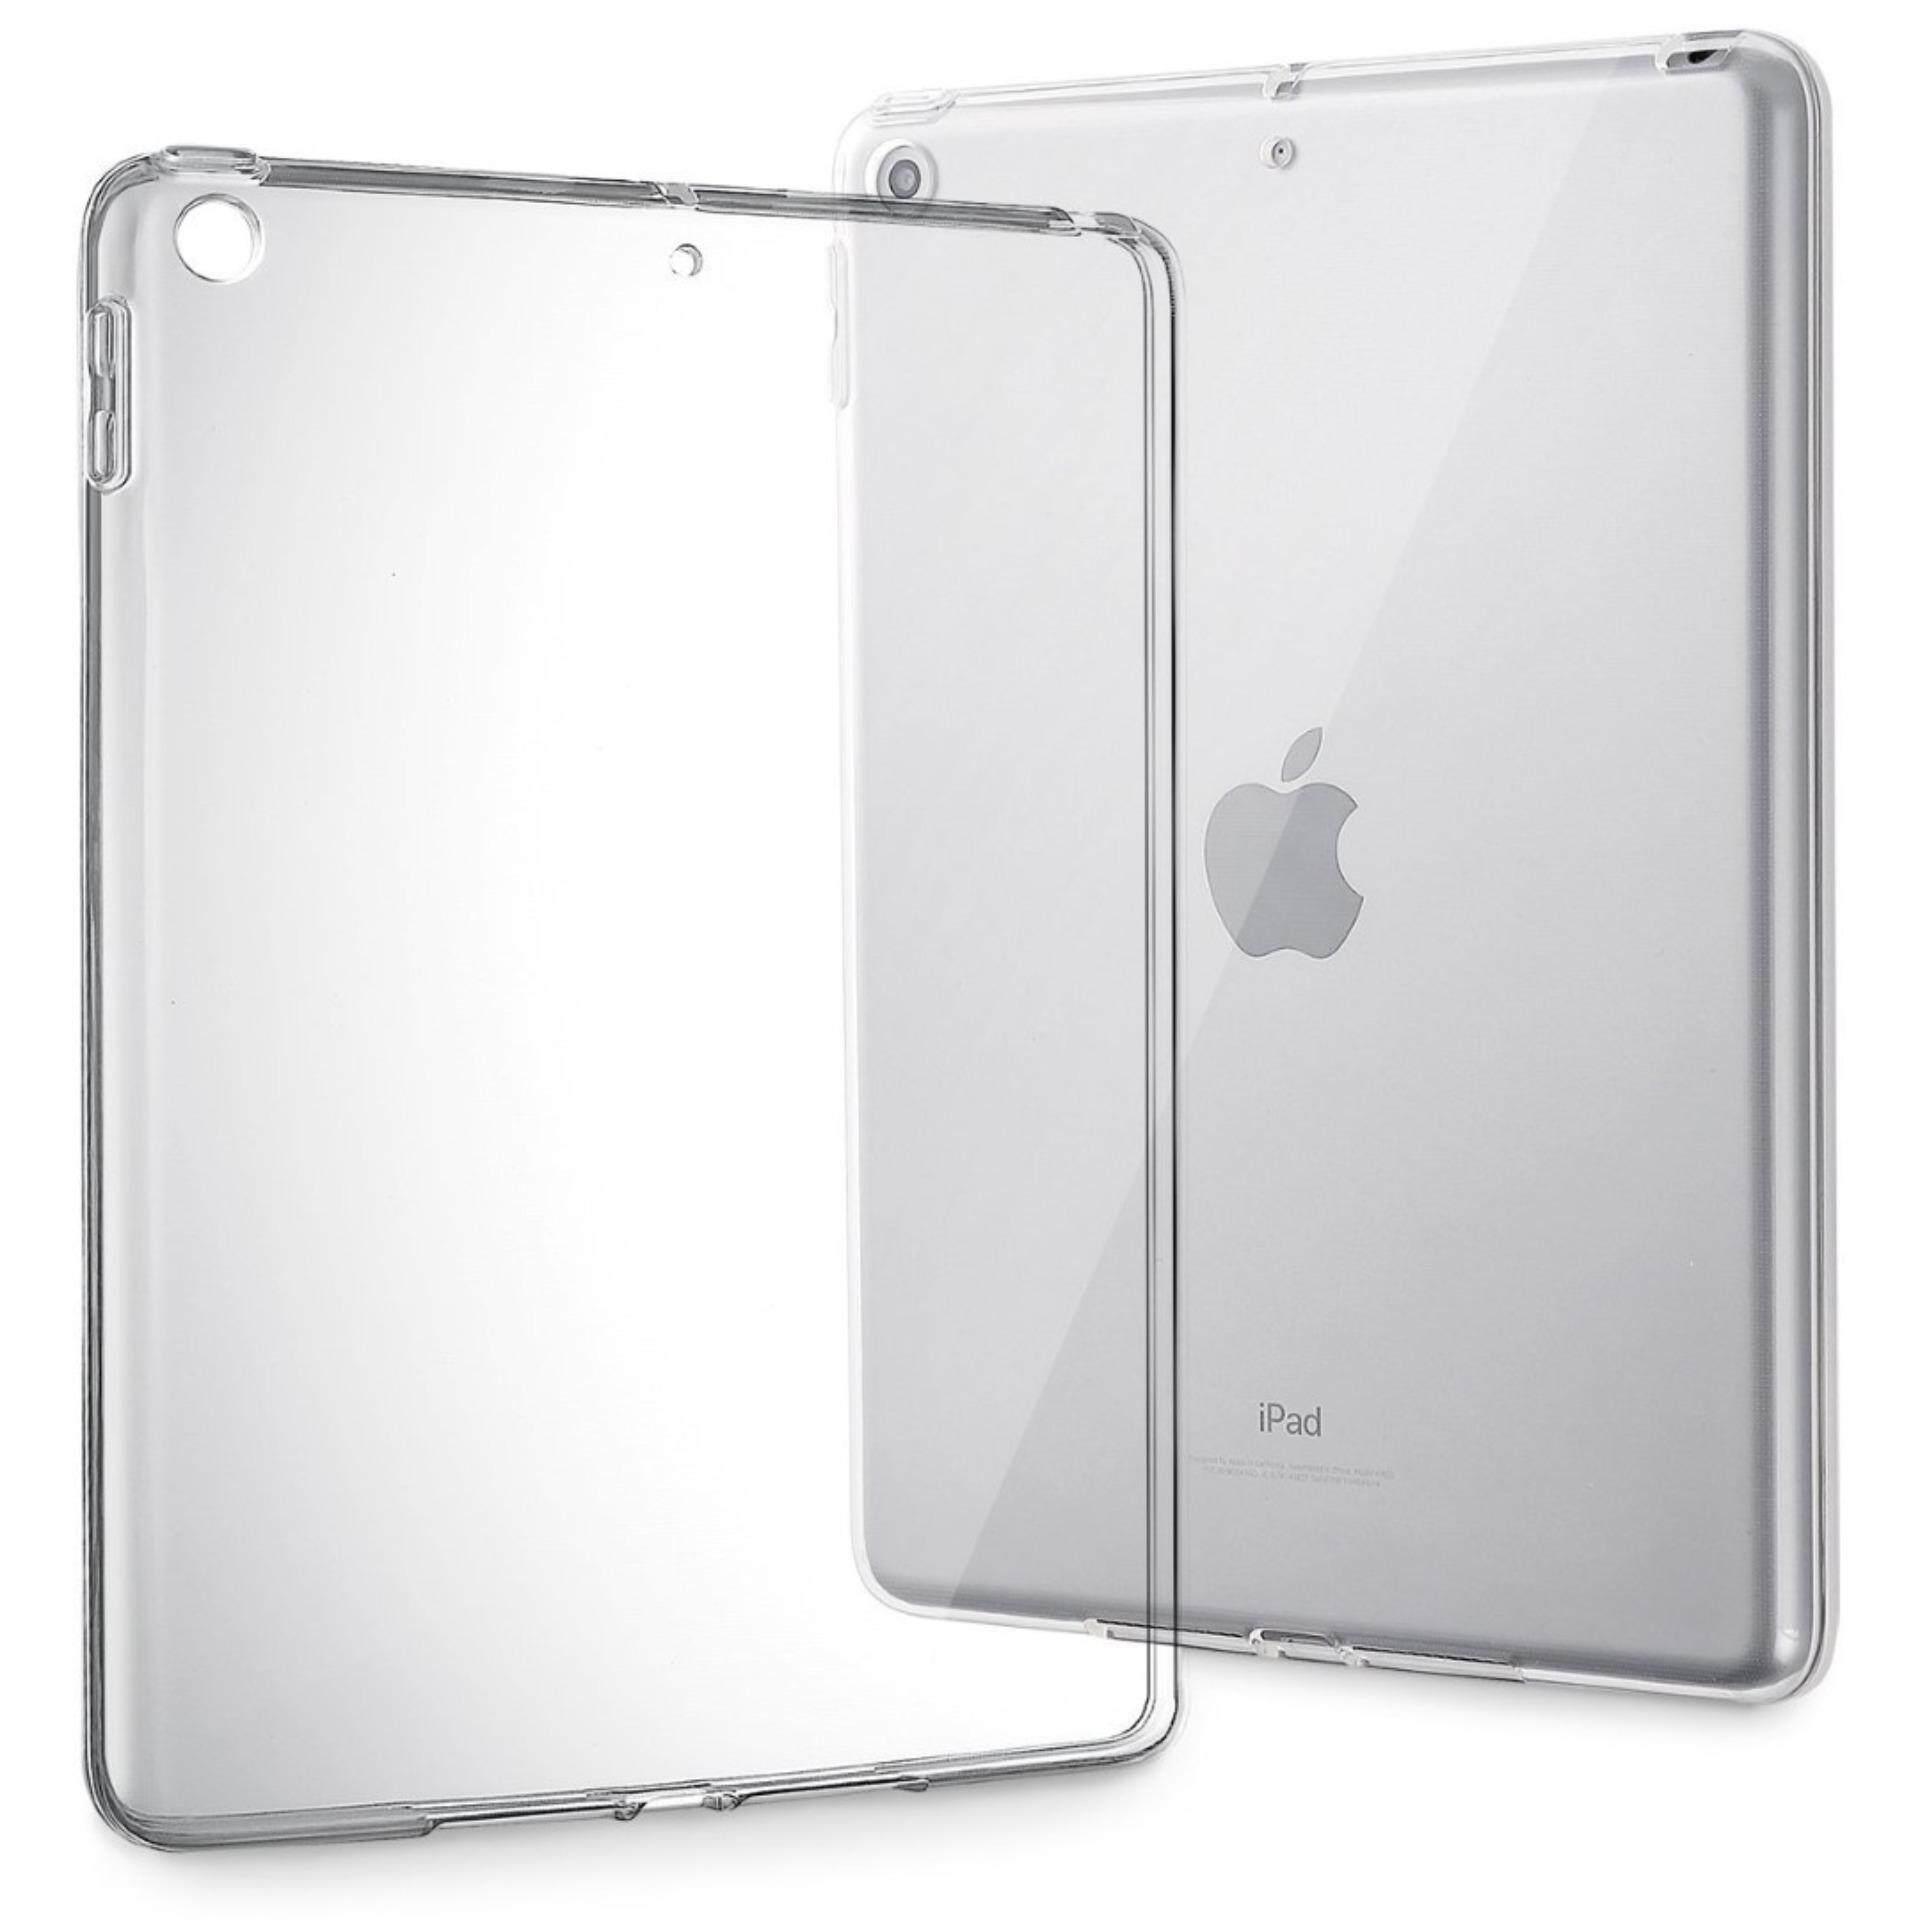 เคสใส ไอแพด 9.7 2017/2018 Case Tpu for Apple iPad 9.7 2017 / iPad 9.7 2018 Clear